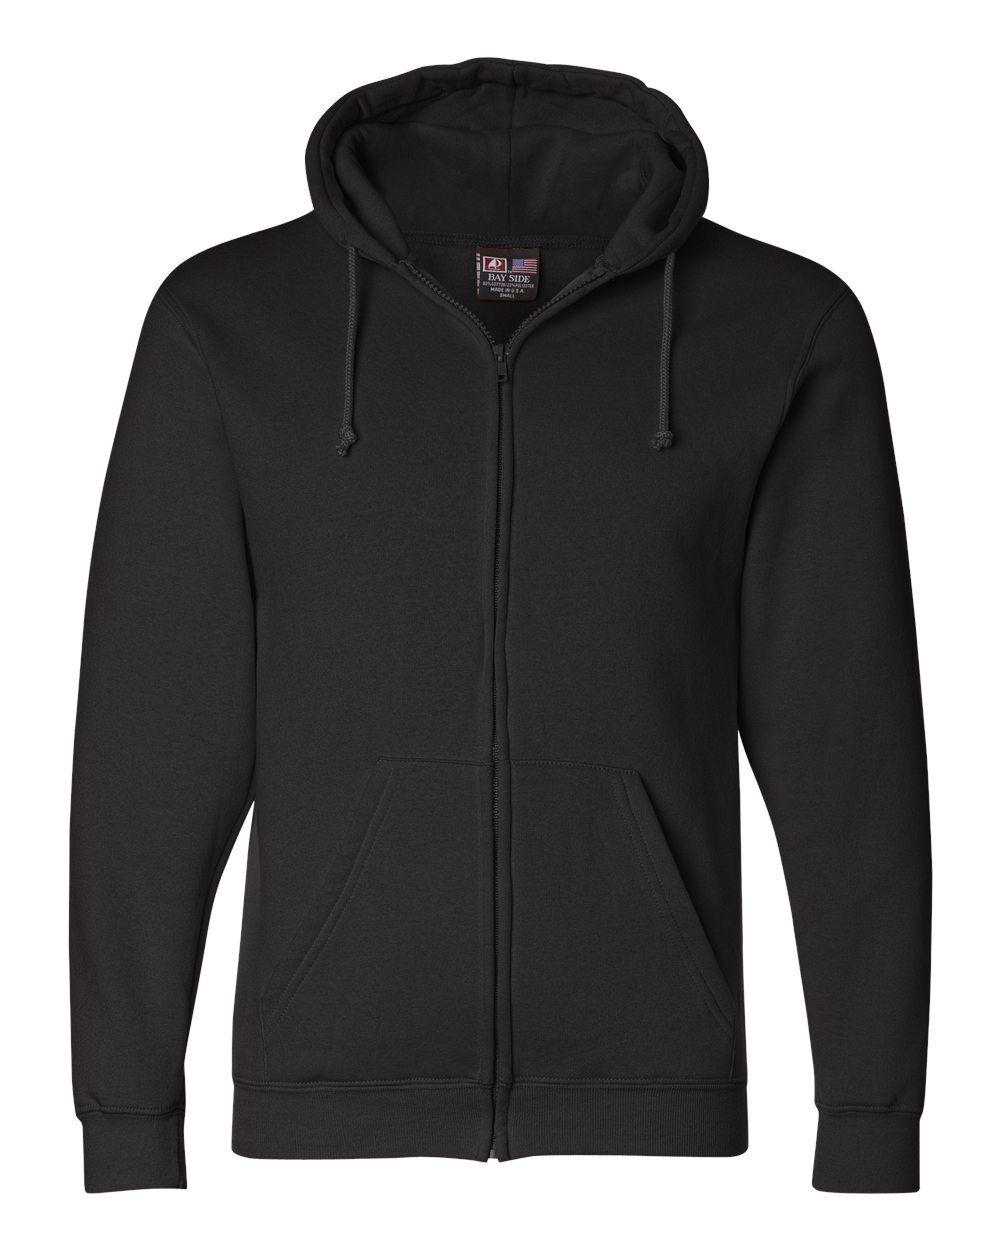 Bayside  Herren Adult Full Zip Hooded Sweatshirt BA900 Größe S-3XL